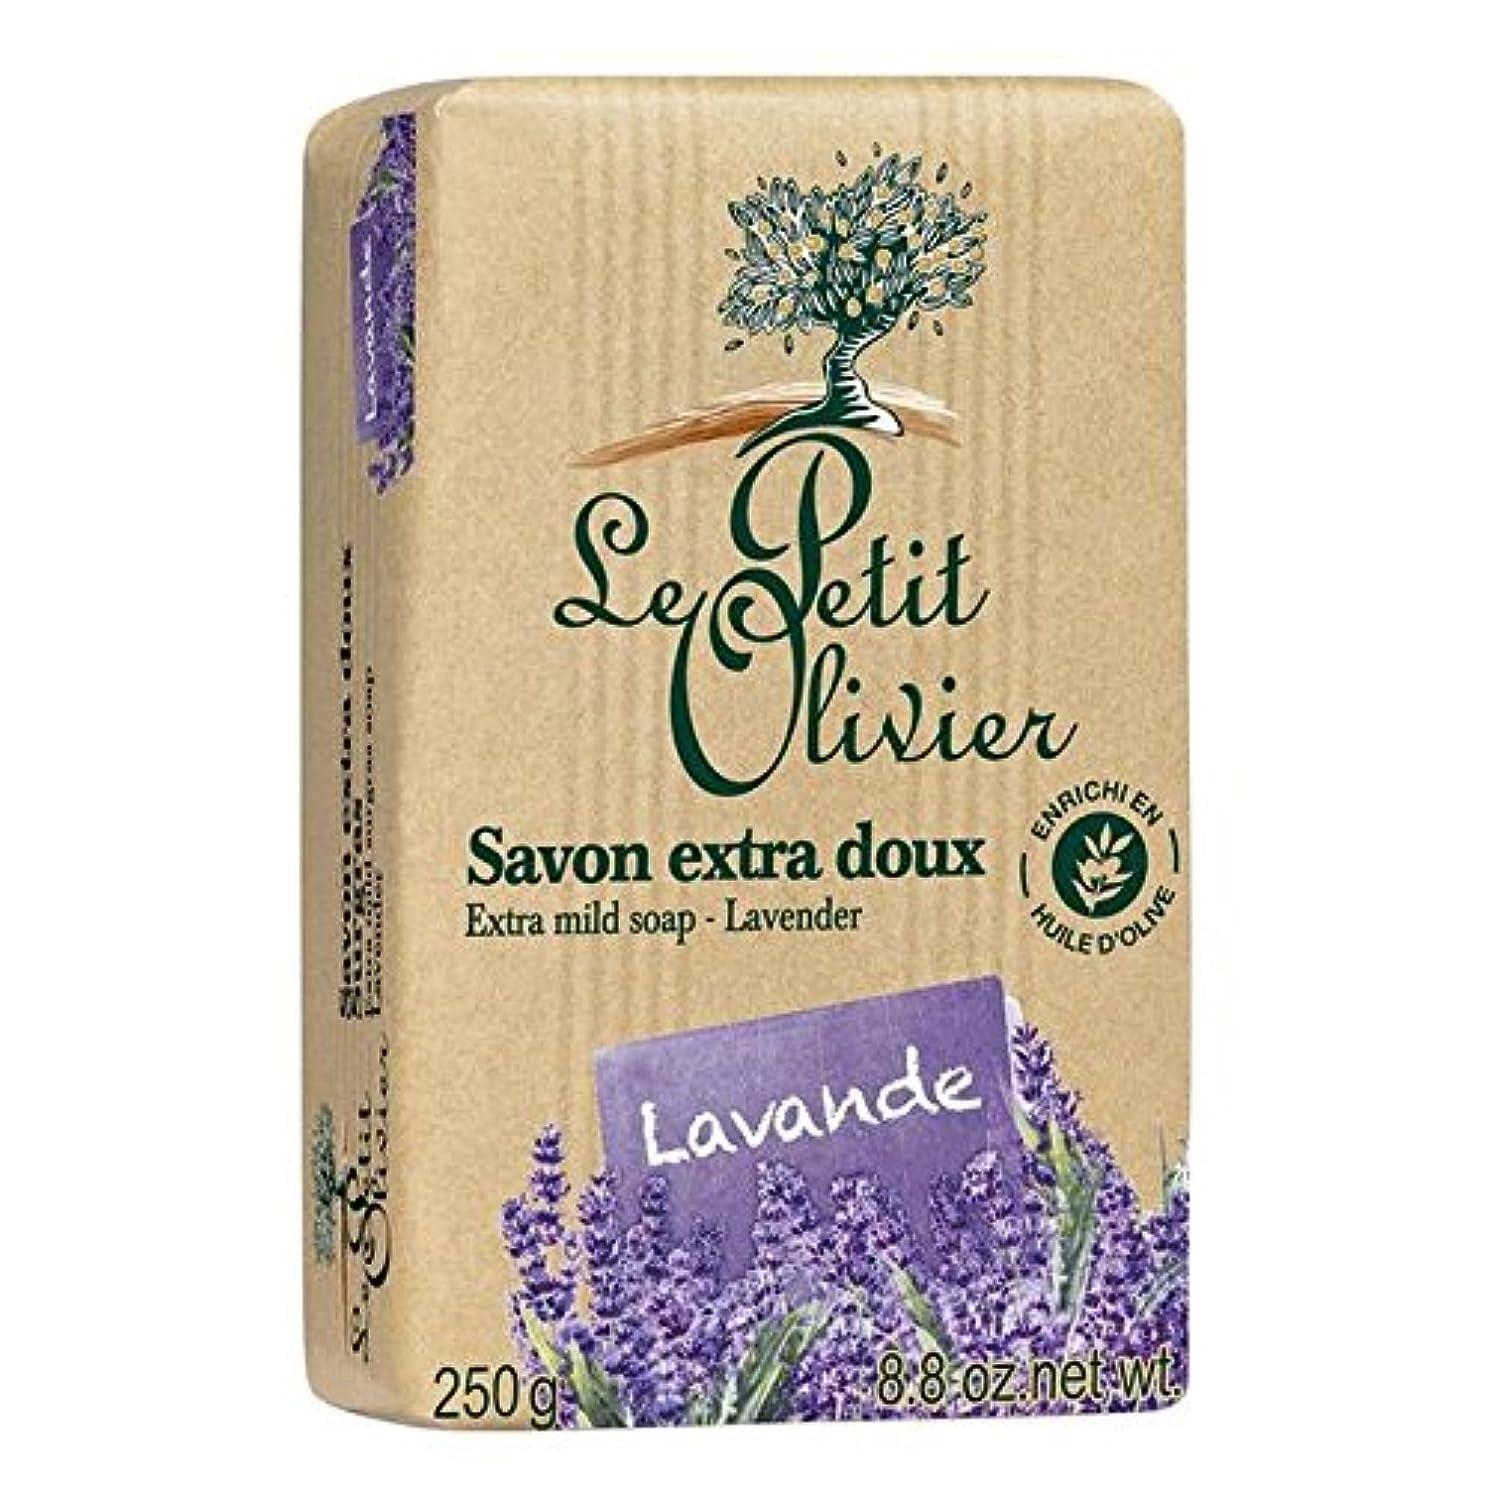 監督するの間にアーカイブル?プティ?オリヴィエ余分な穏やかなラベンダー石鹸250グラム x2 - Le Petit Olivier Extra Mild Lavender Soap 250g (Pack of 2) [並行輸入品]